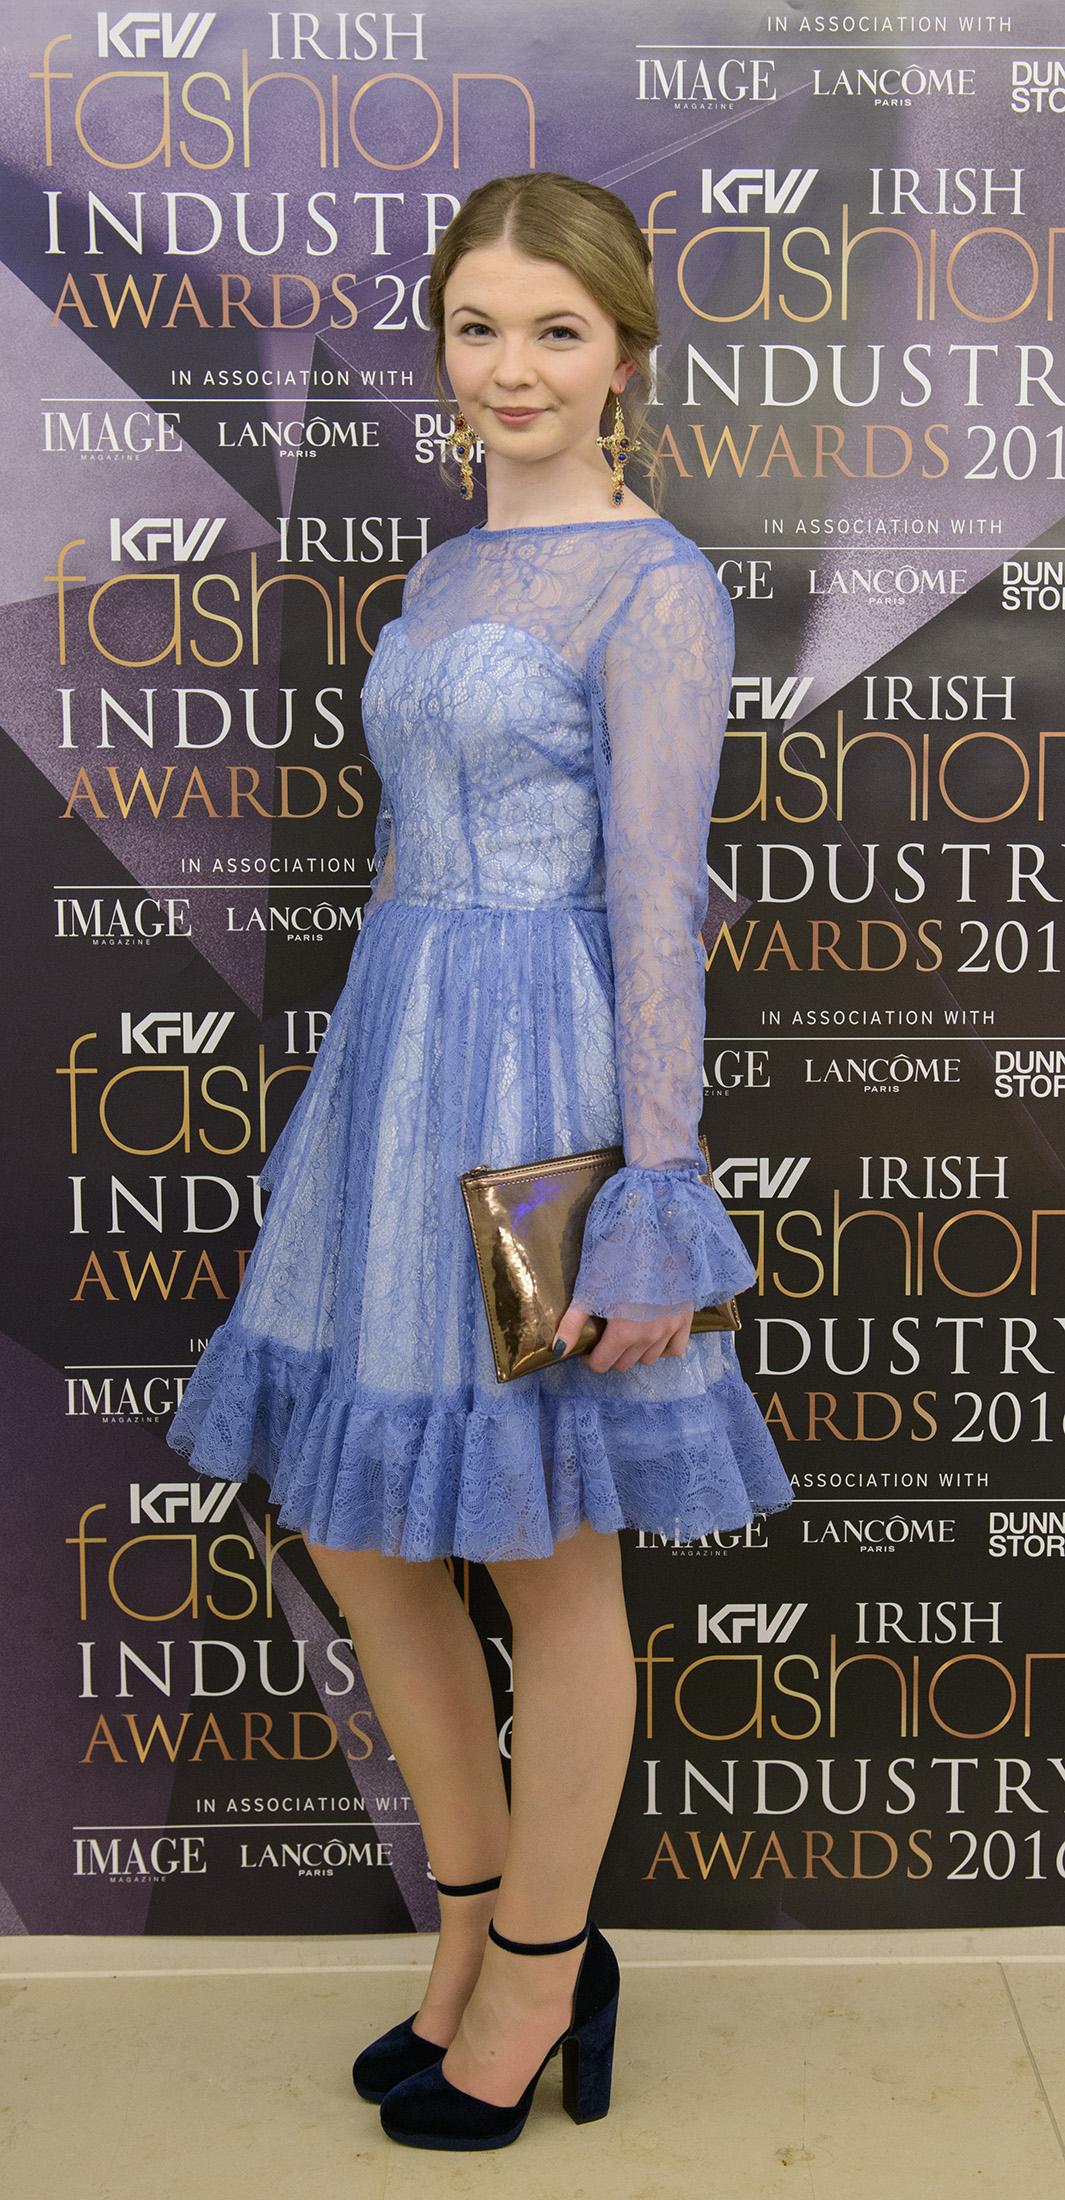 KFW16_Irish Fashion Industry Awards_9778.jpg